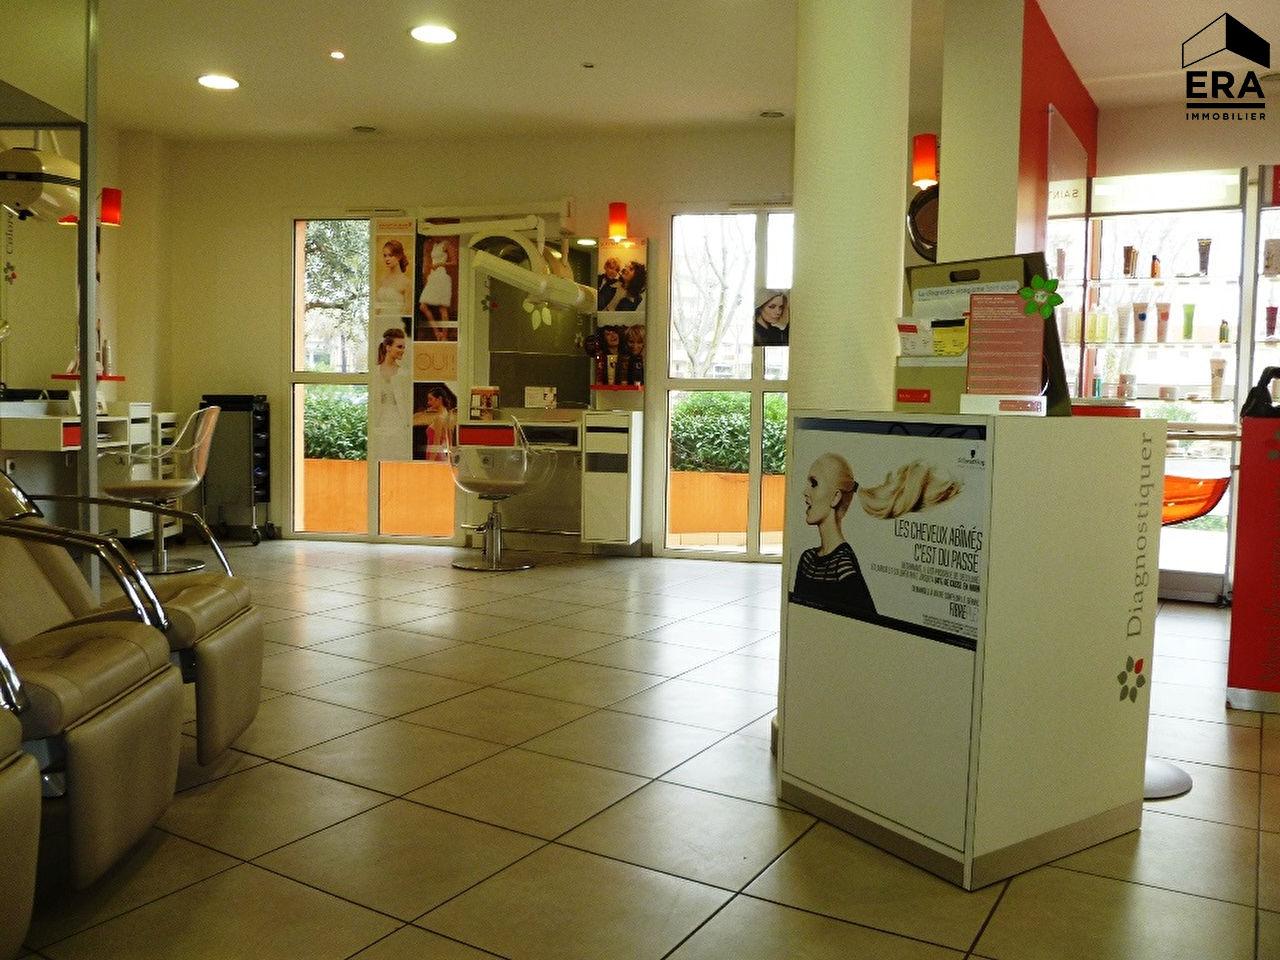 Droit au bail salon de coiffure narbonne 11100 - Nombre de salons de coiffure en france ...